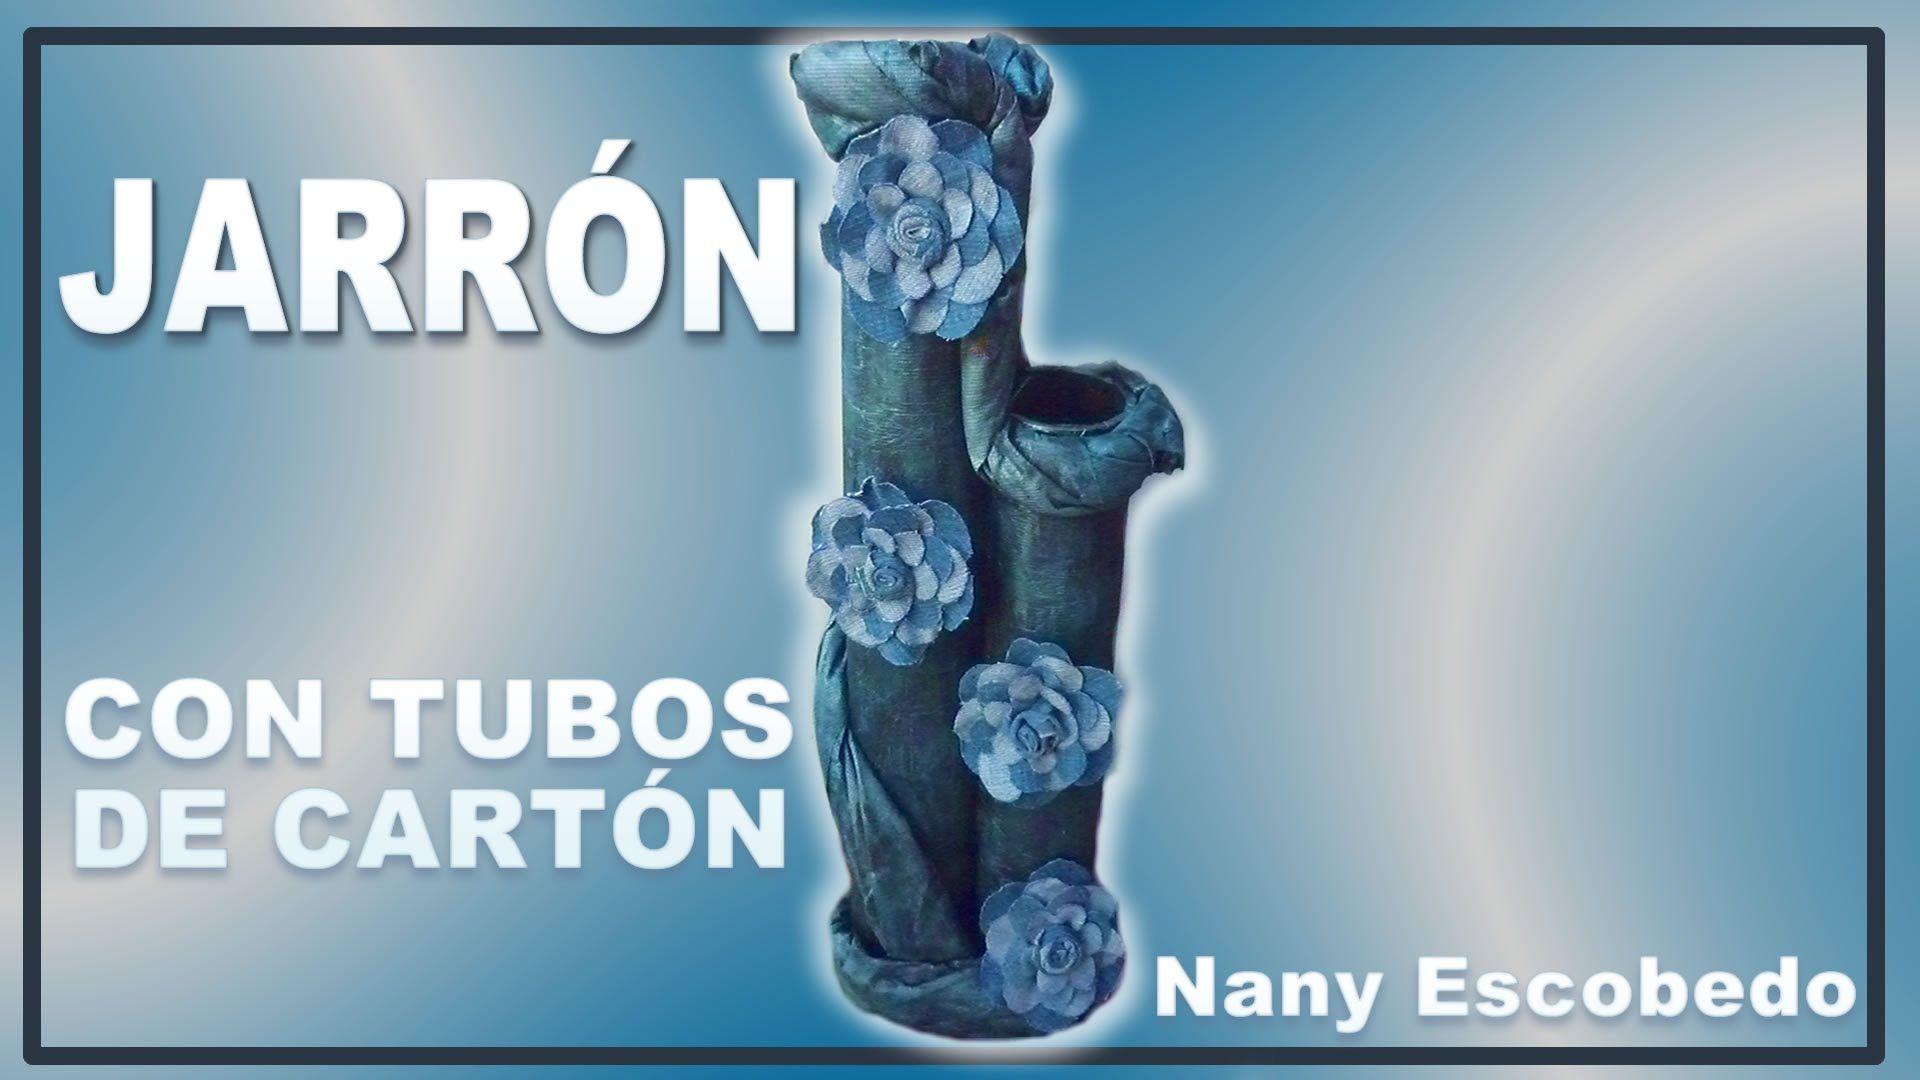 JARRÓN CON TUBOS DE CARTÓN / VASE WITH CARDBOARD TUBES